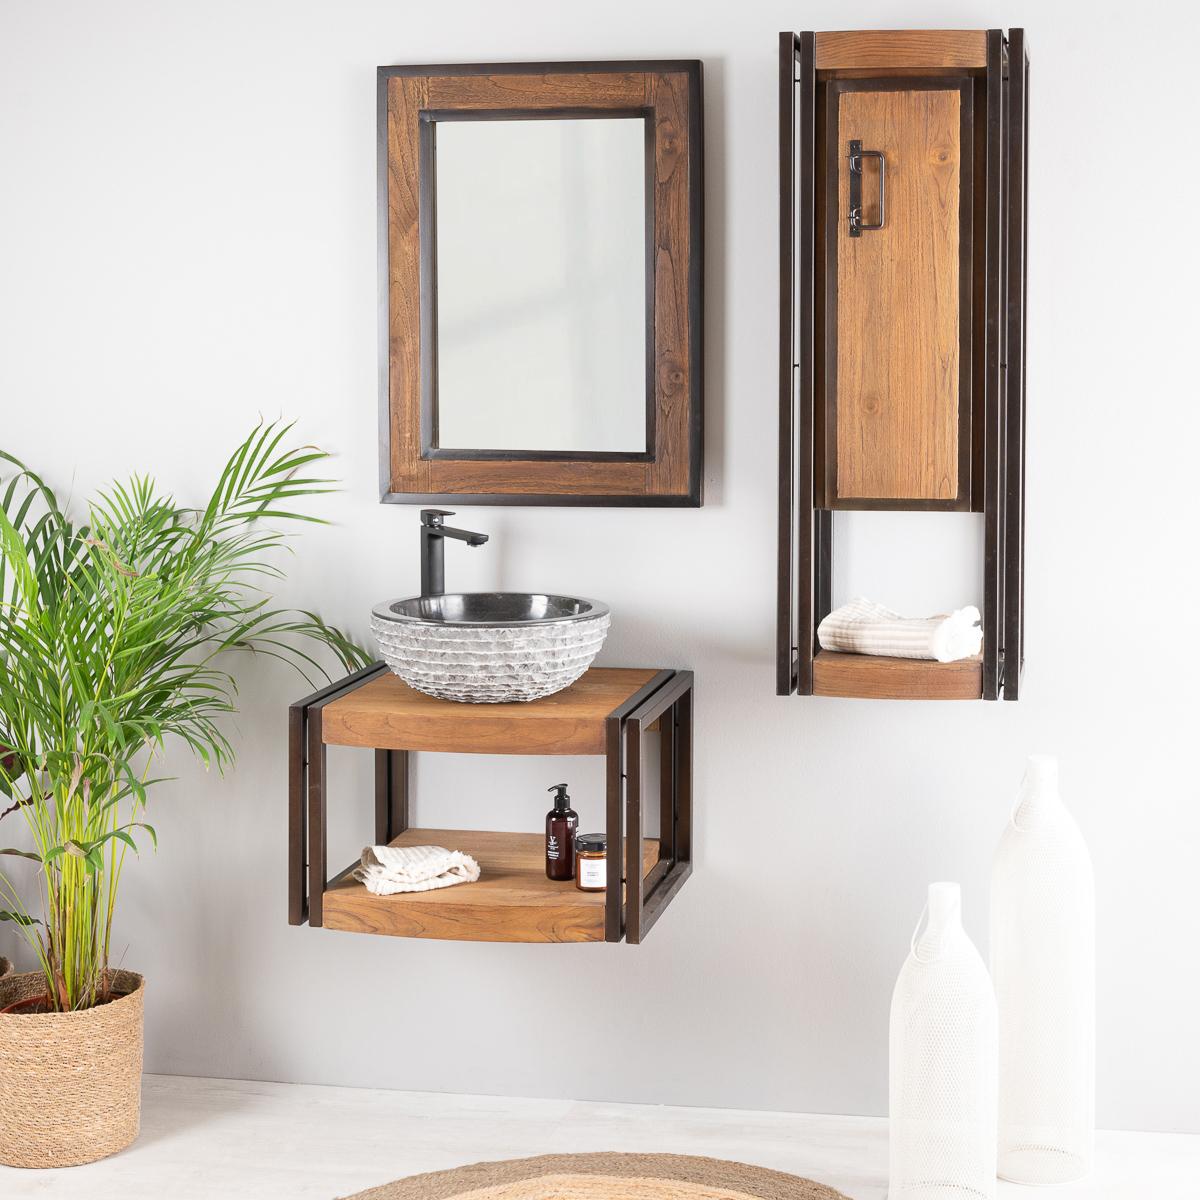 Espejo para cuarto de ba o madera metal 60x80 cm - Espejos para cuarto de bano ...